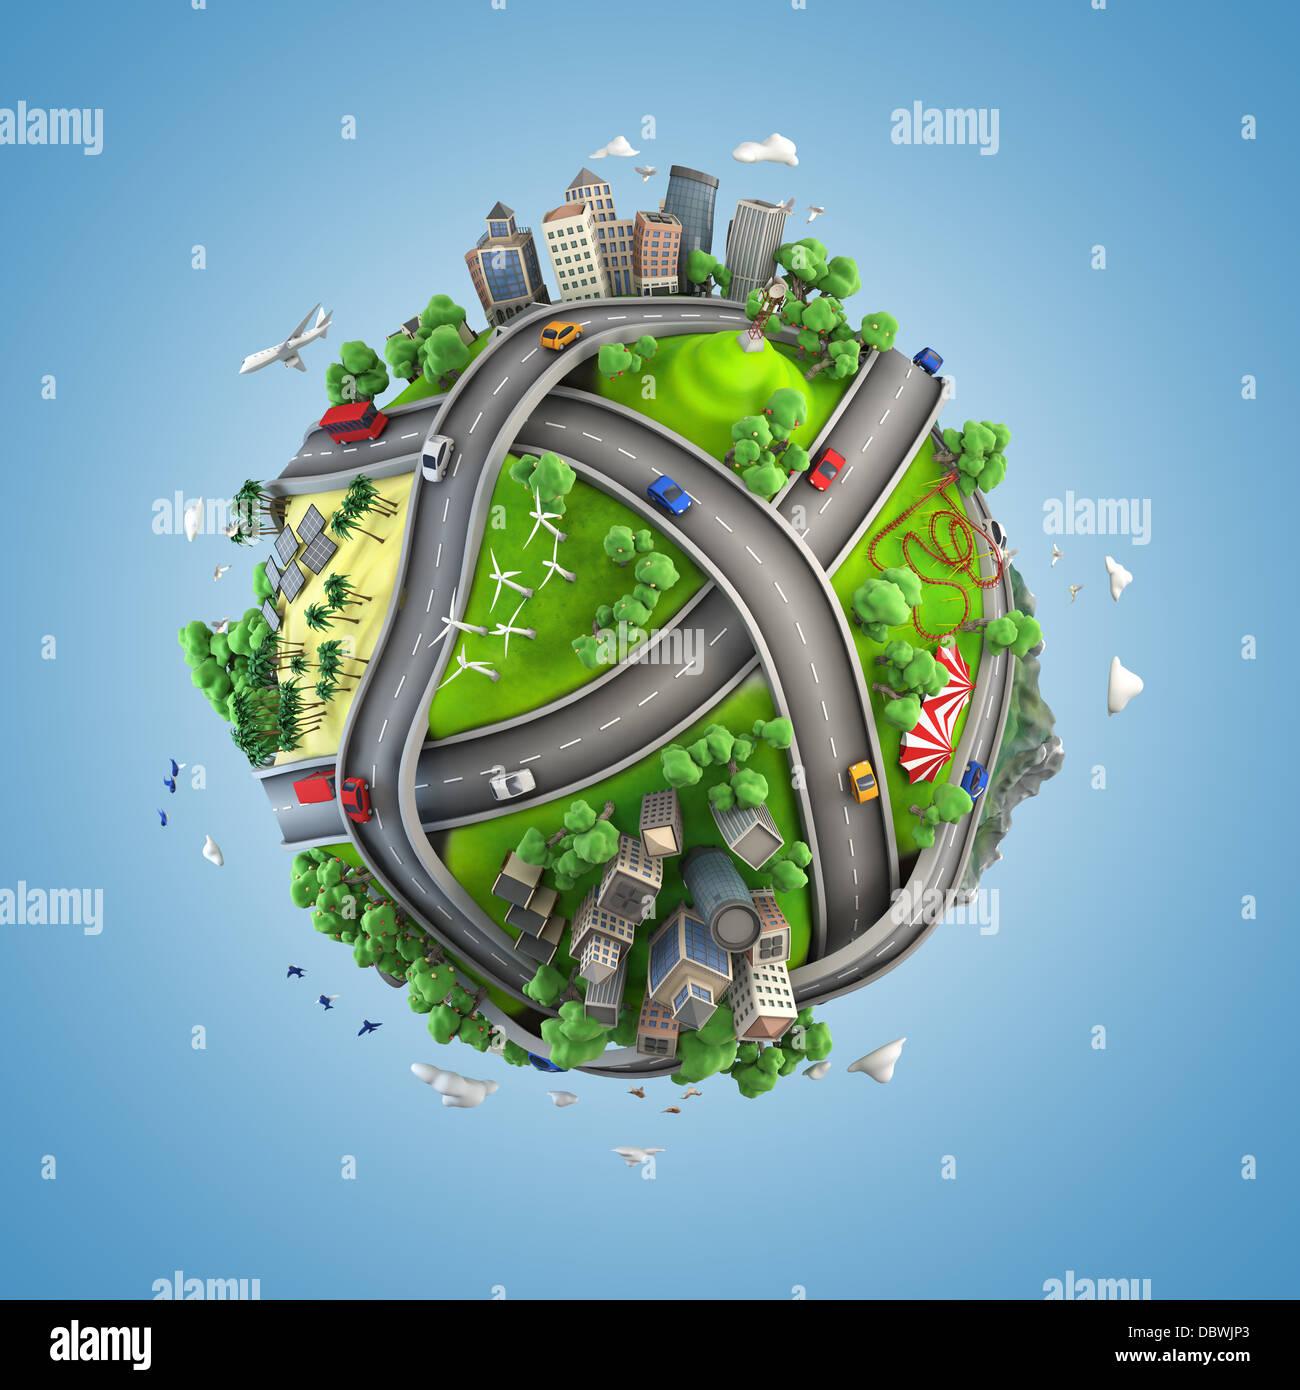 Concetto globe che mostra la diversità, di trasporto e di energia verde in un stile cartoony Immagini Stock